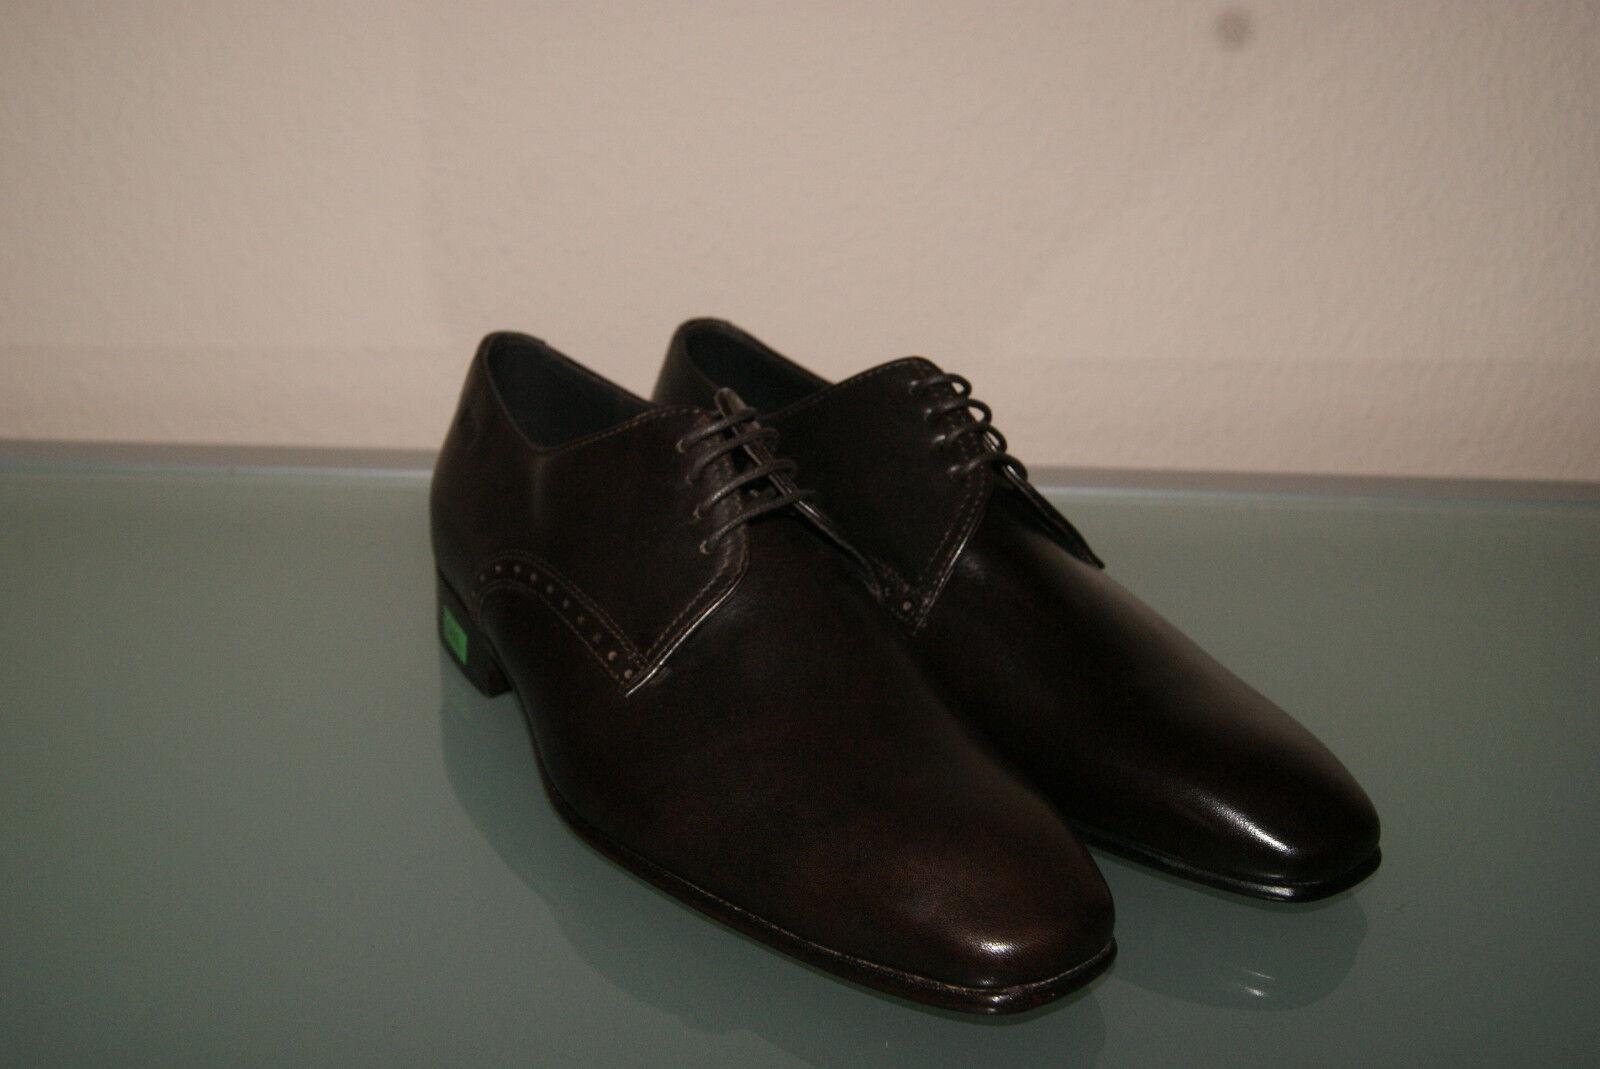 Hugo Boss Schuhe Gr 40,5 6,5 Business Herrenschuhe MELZIO dunkelbraun NEU